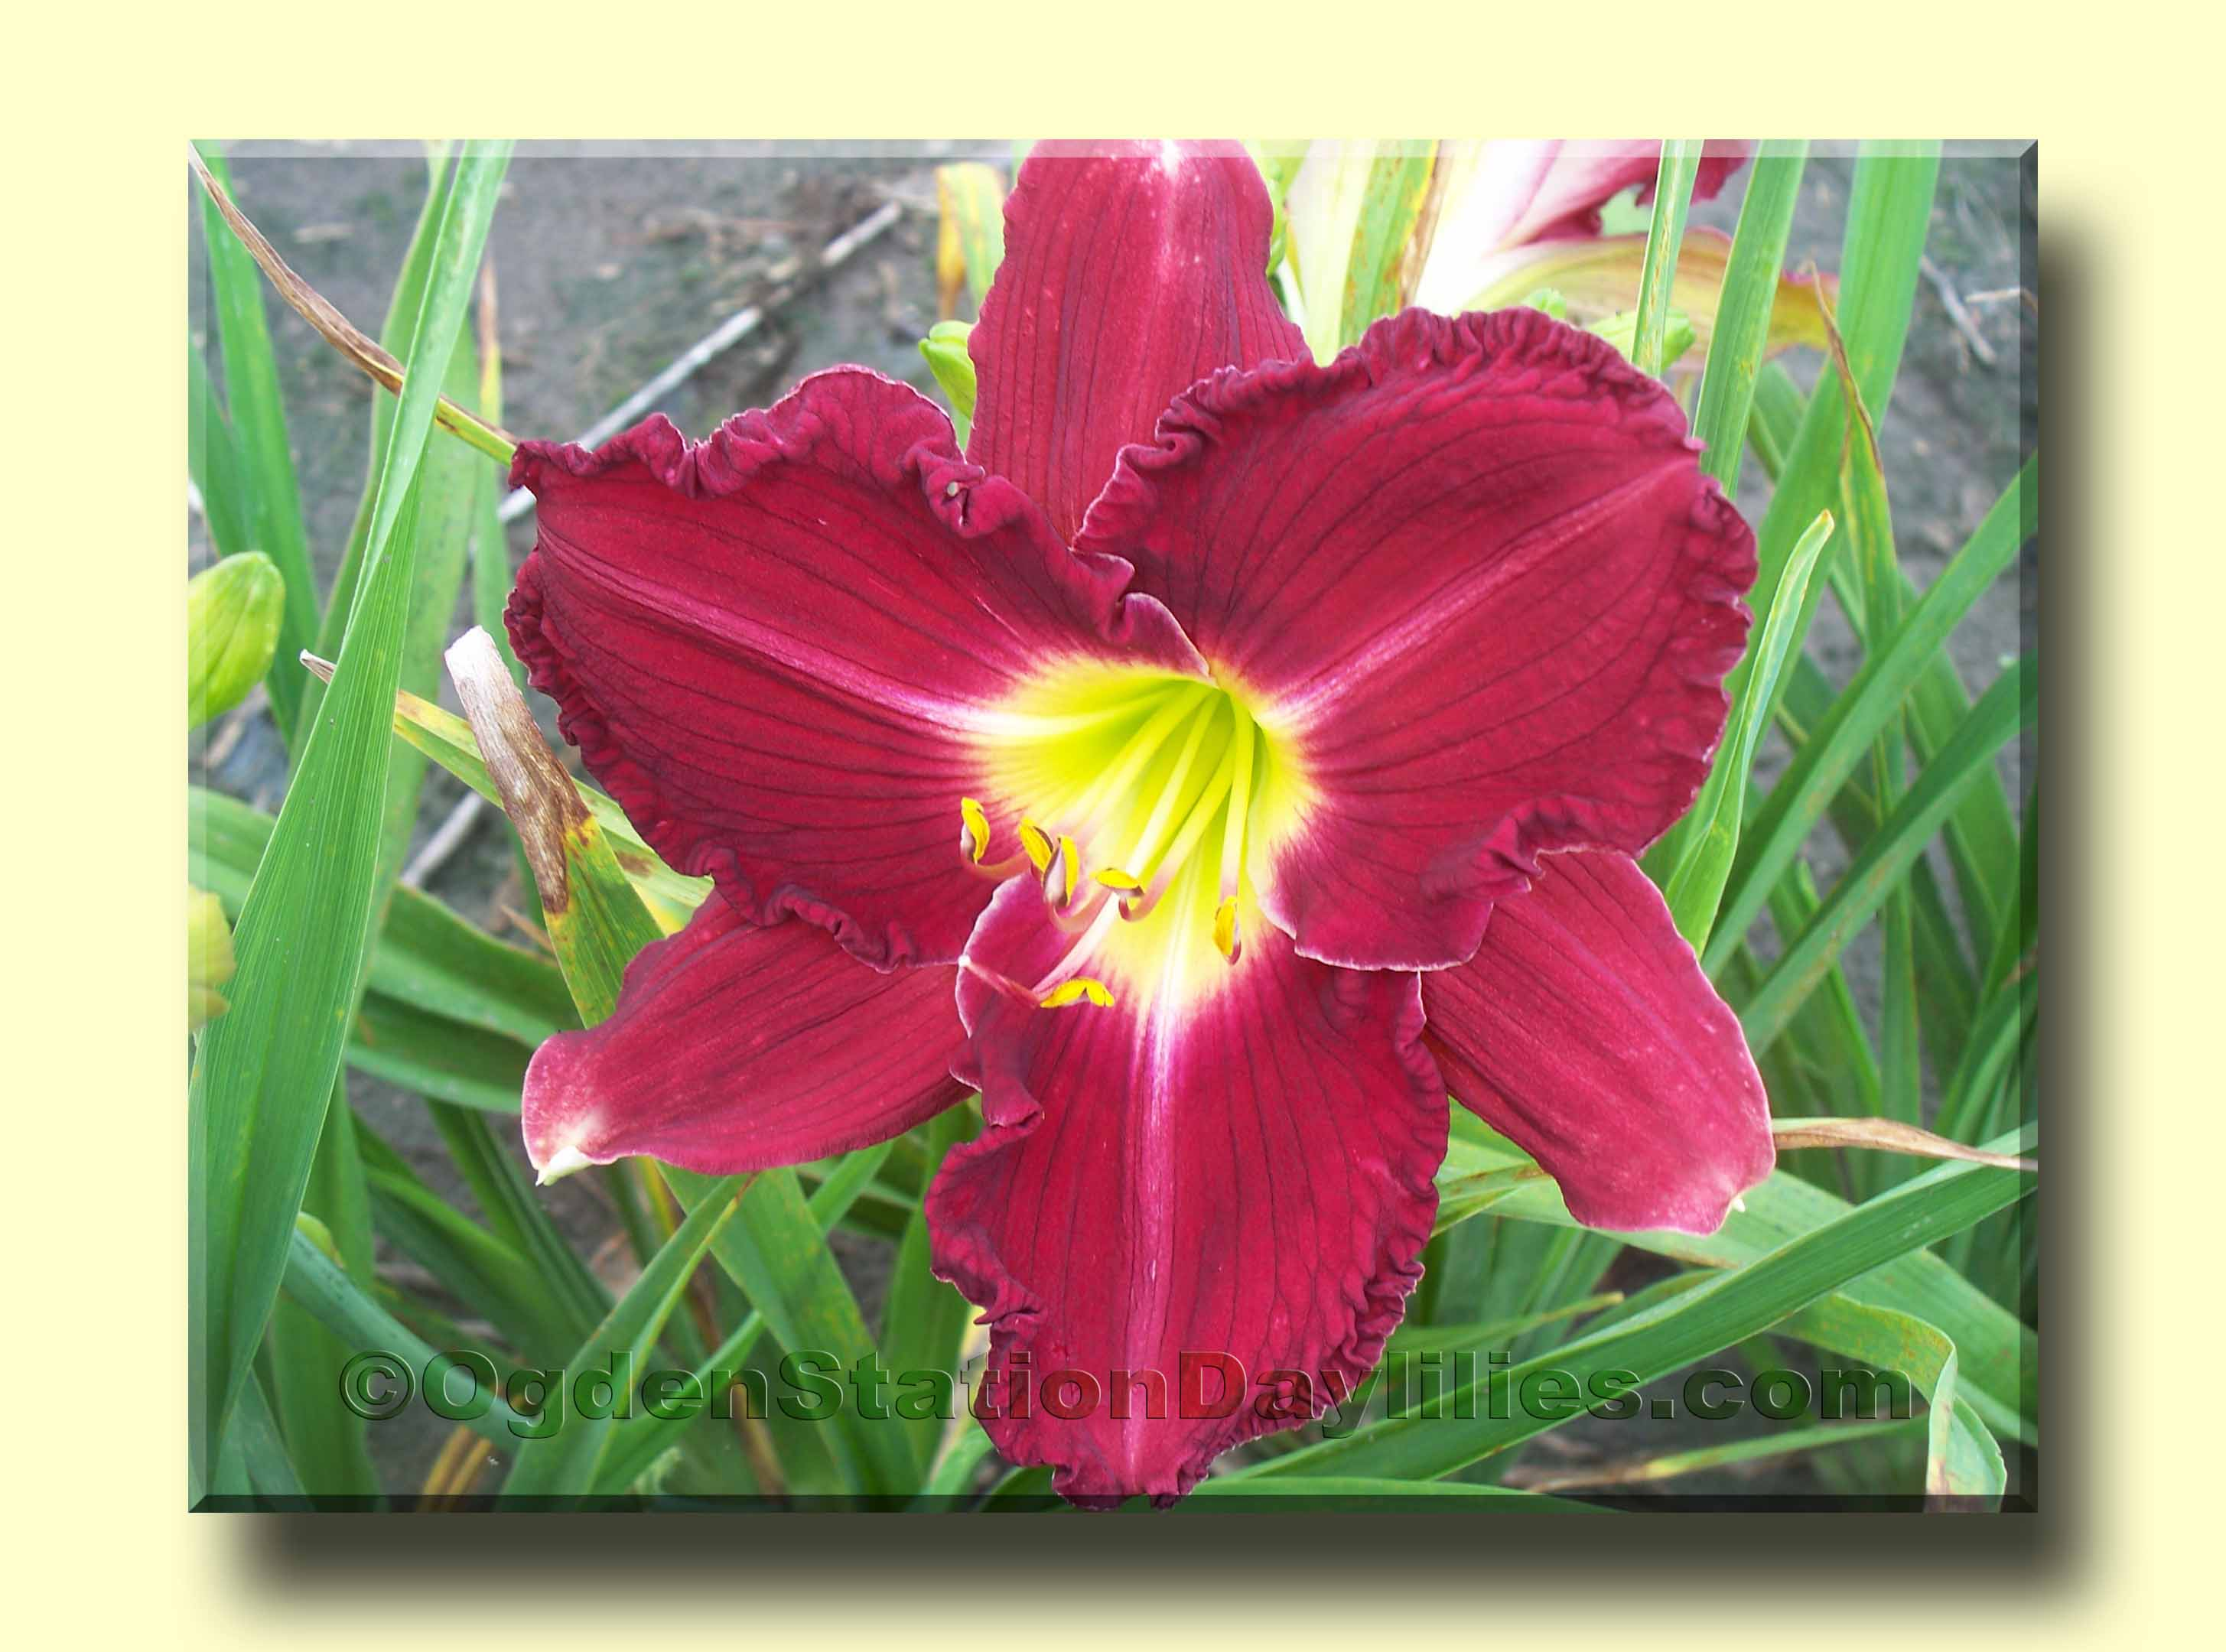 ogdenstationdaylilies.com - Daylily Images Bo-By